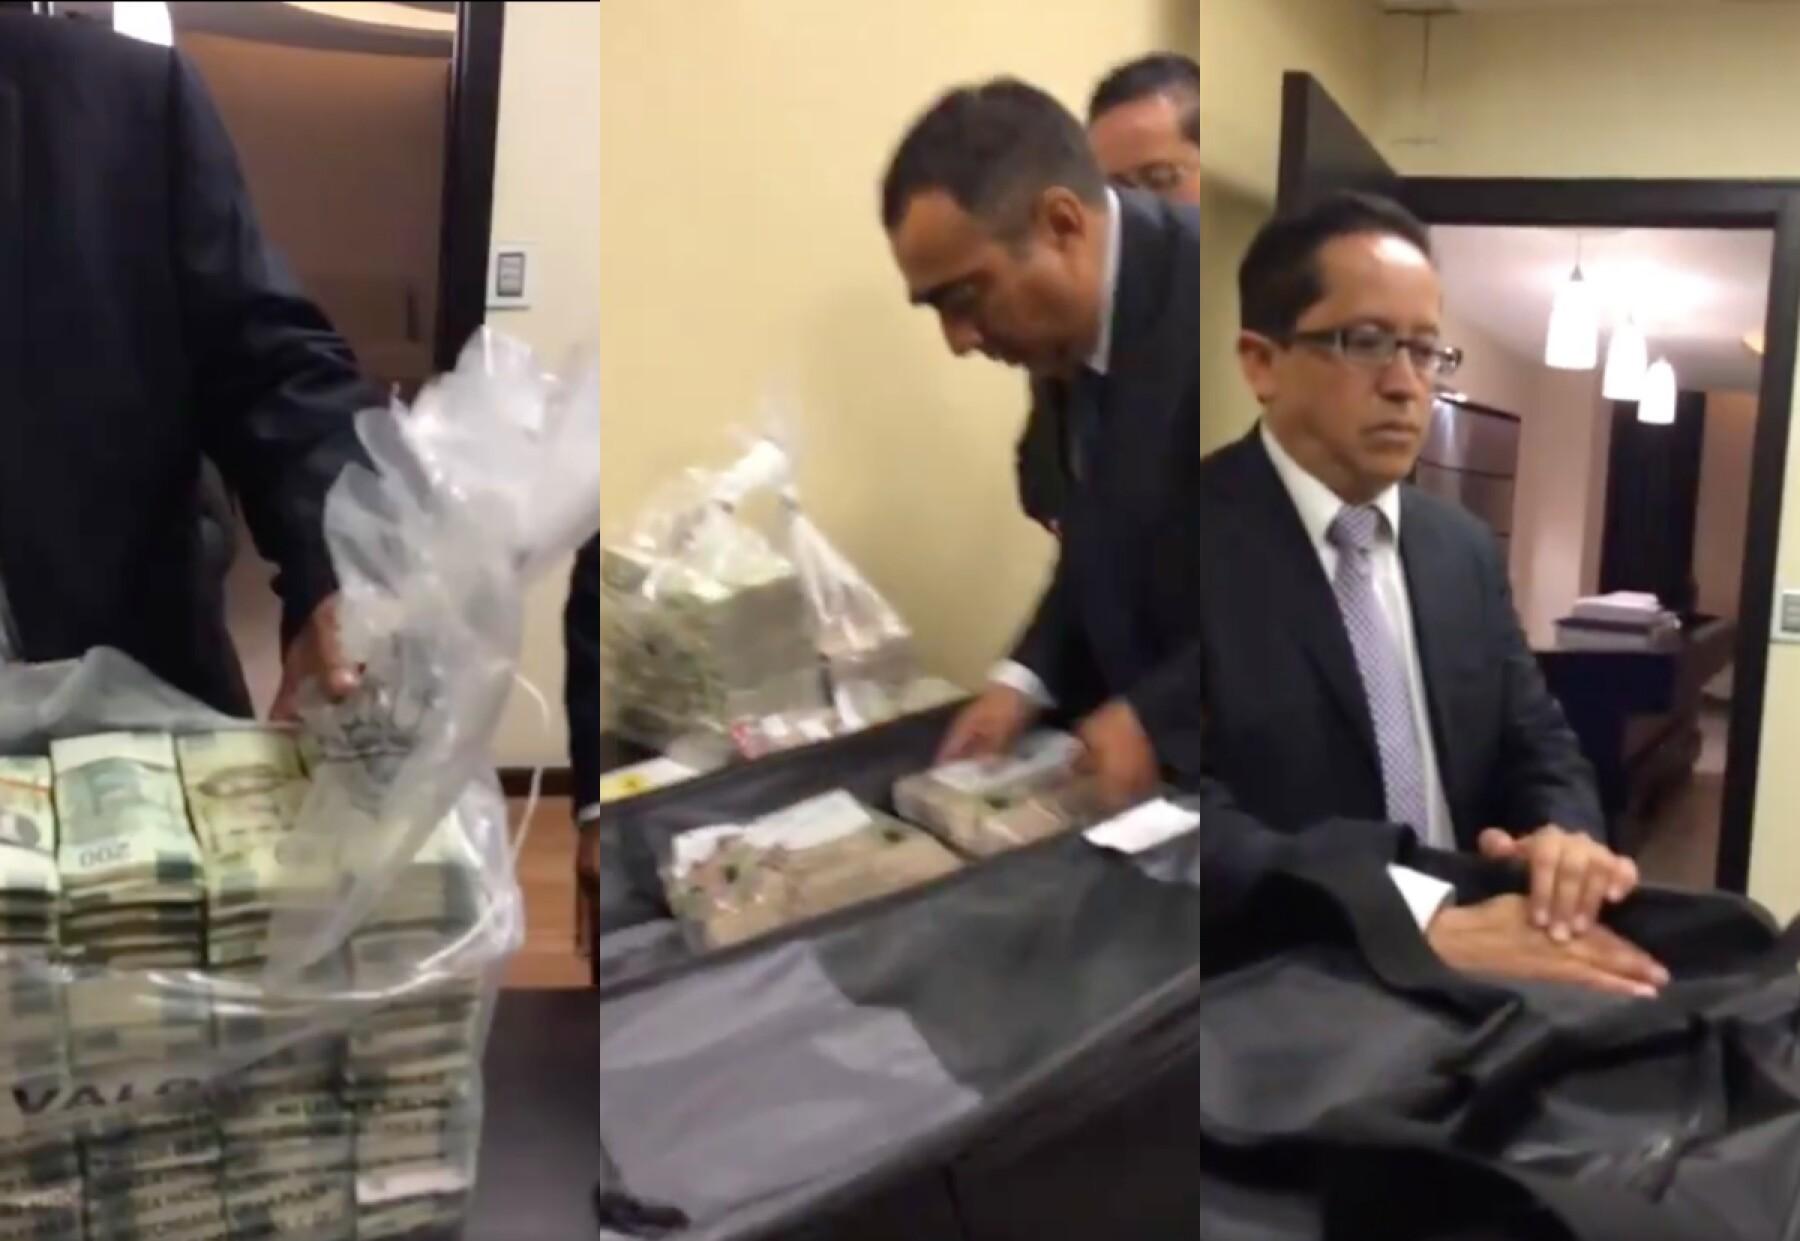 Legisladores panistas piden a la FGR investigar a implicados en video